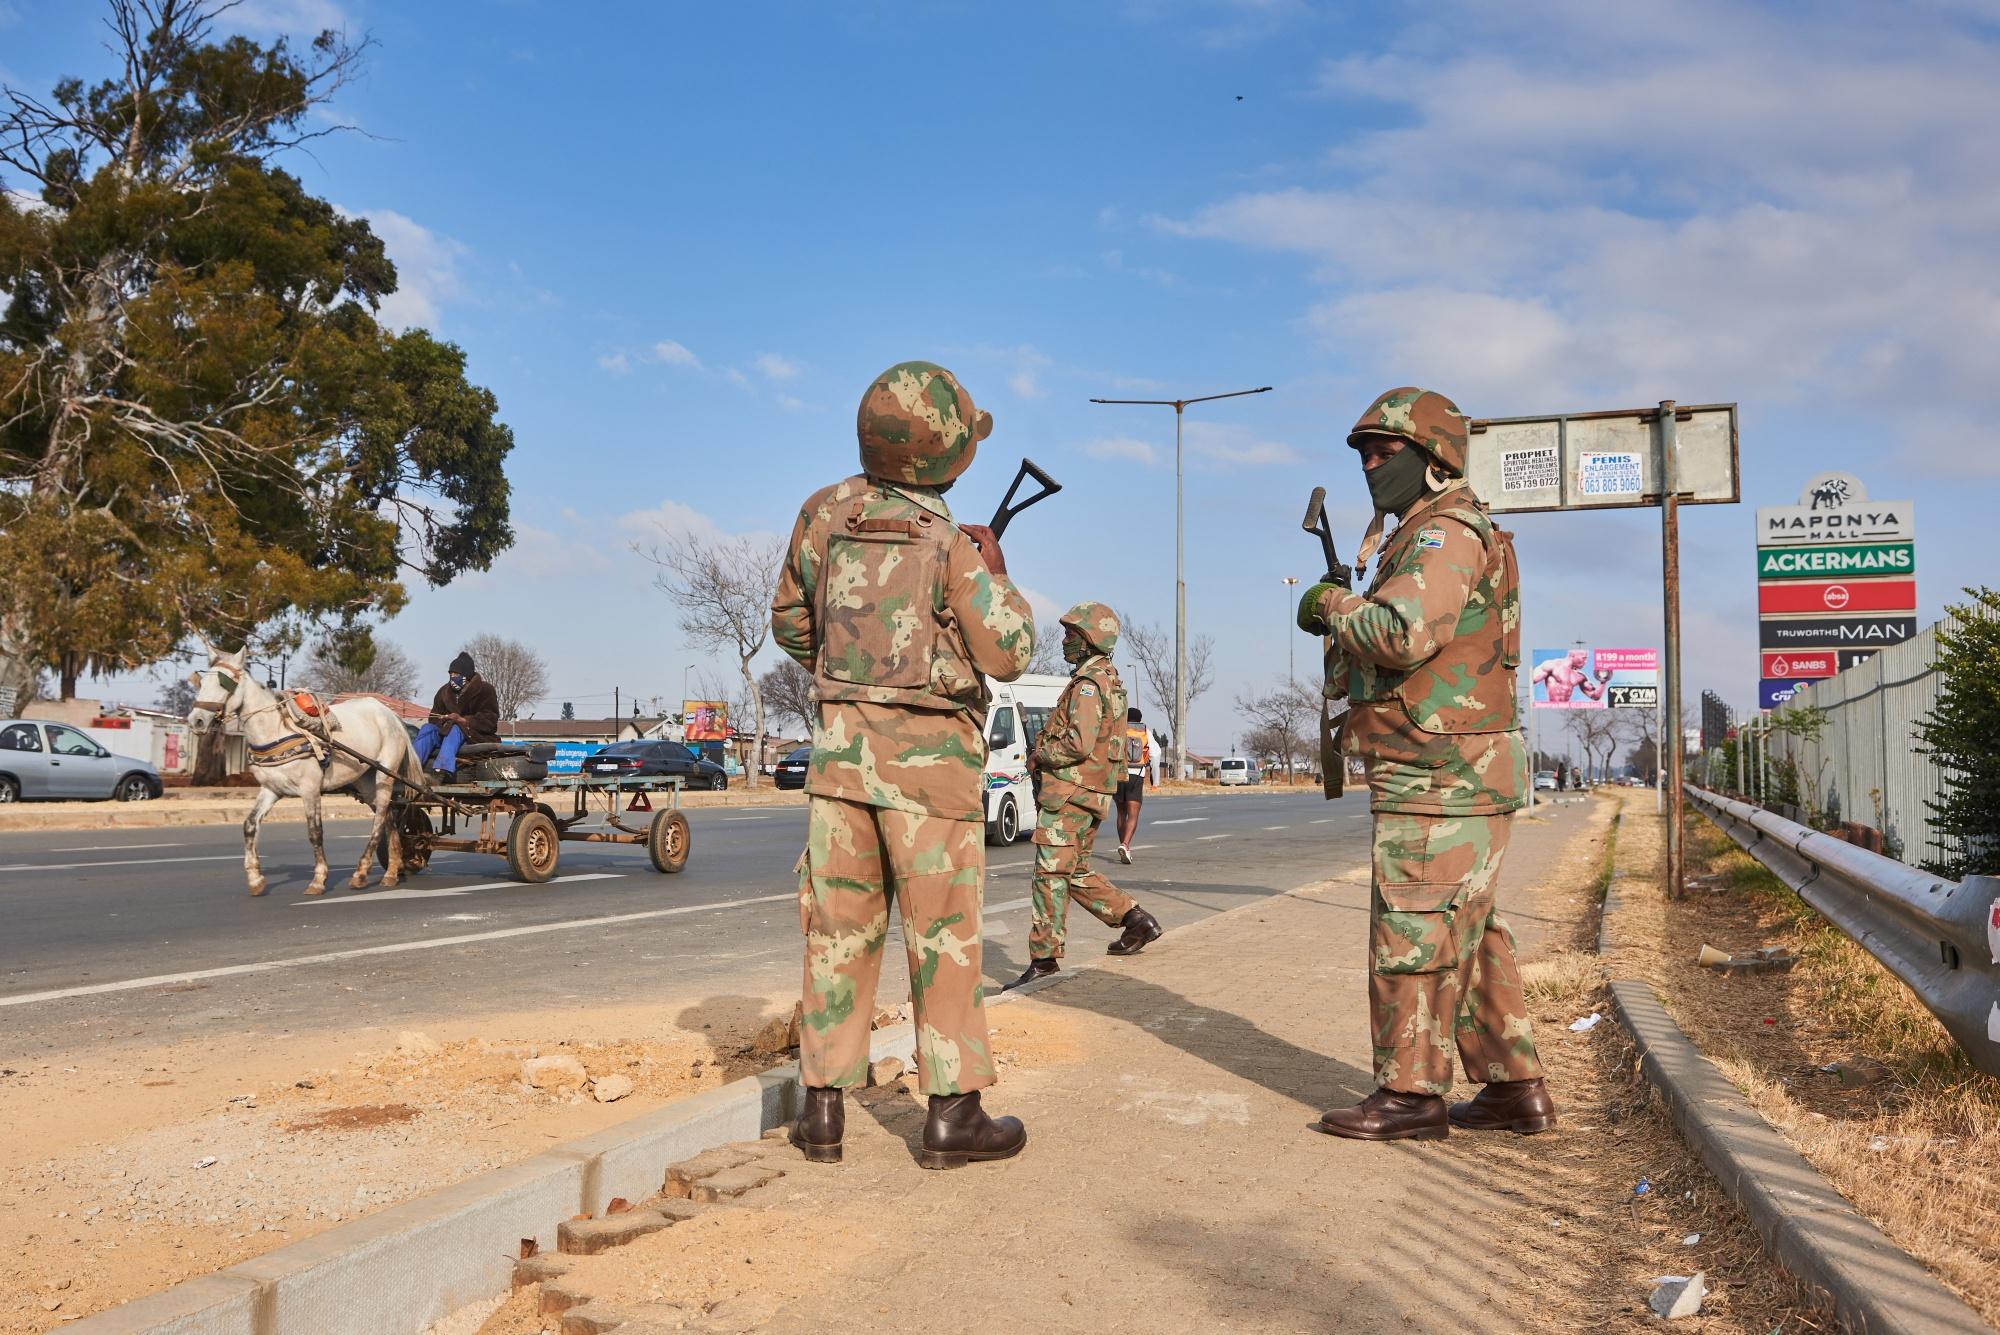 Los disturbios mortales ensombrecen la recuperación económica de Sudáfrica